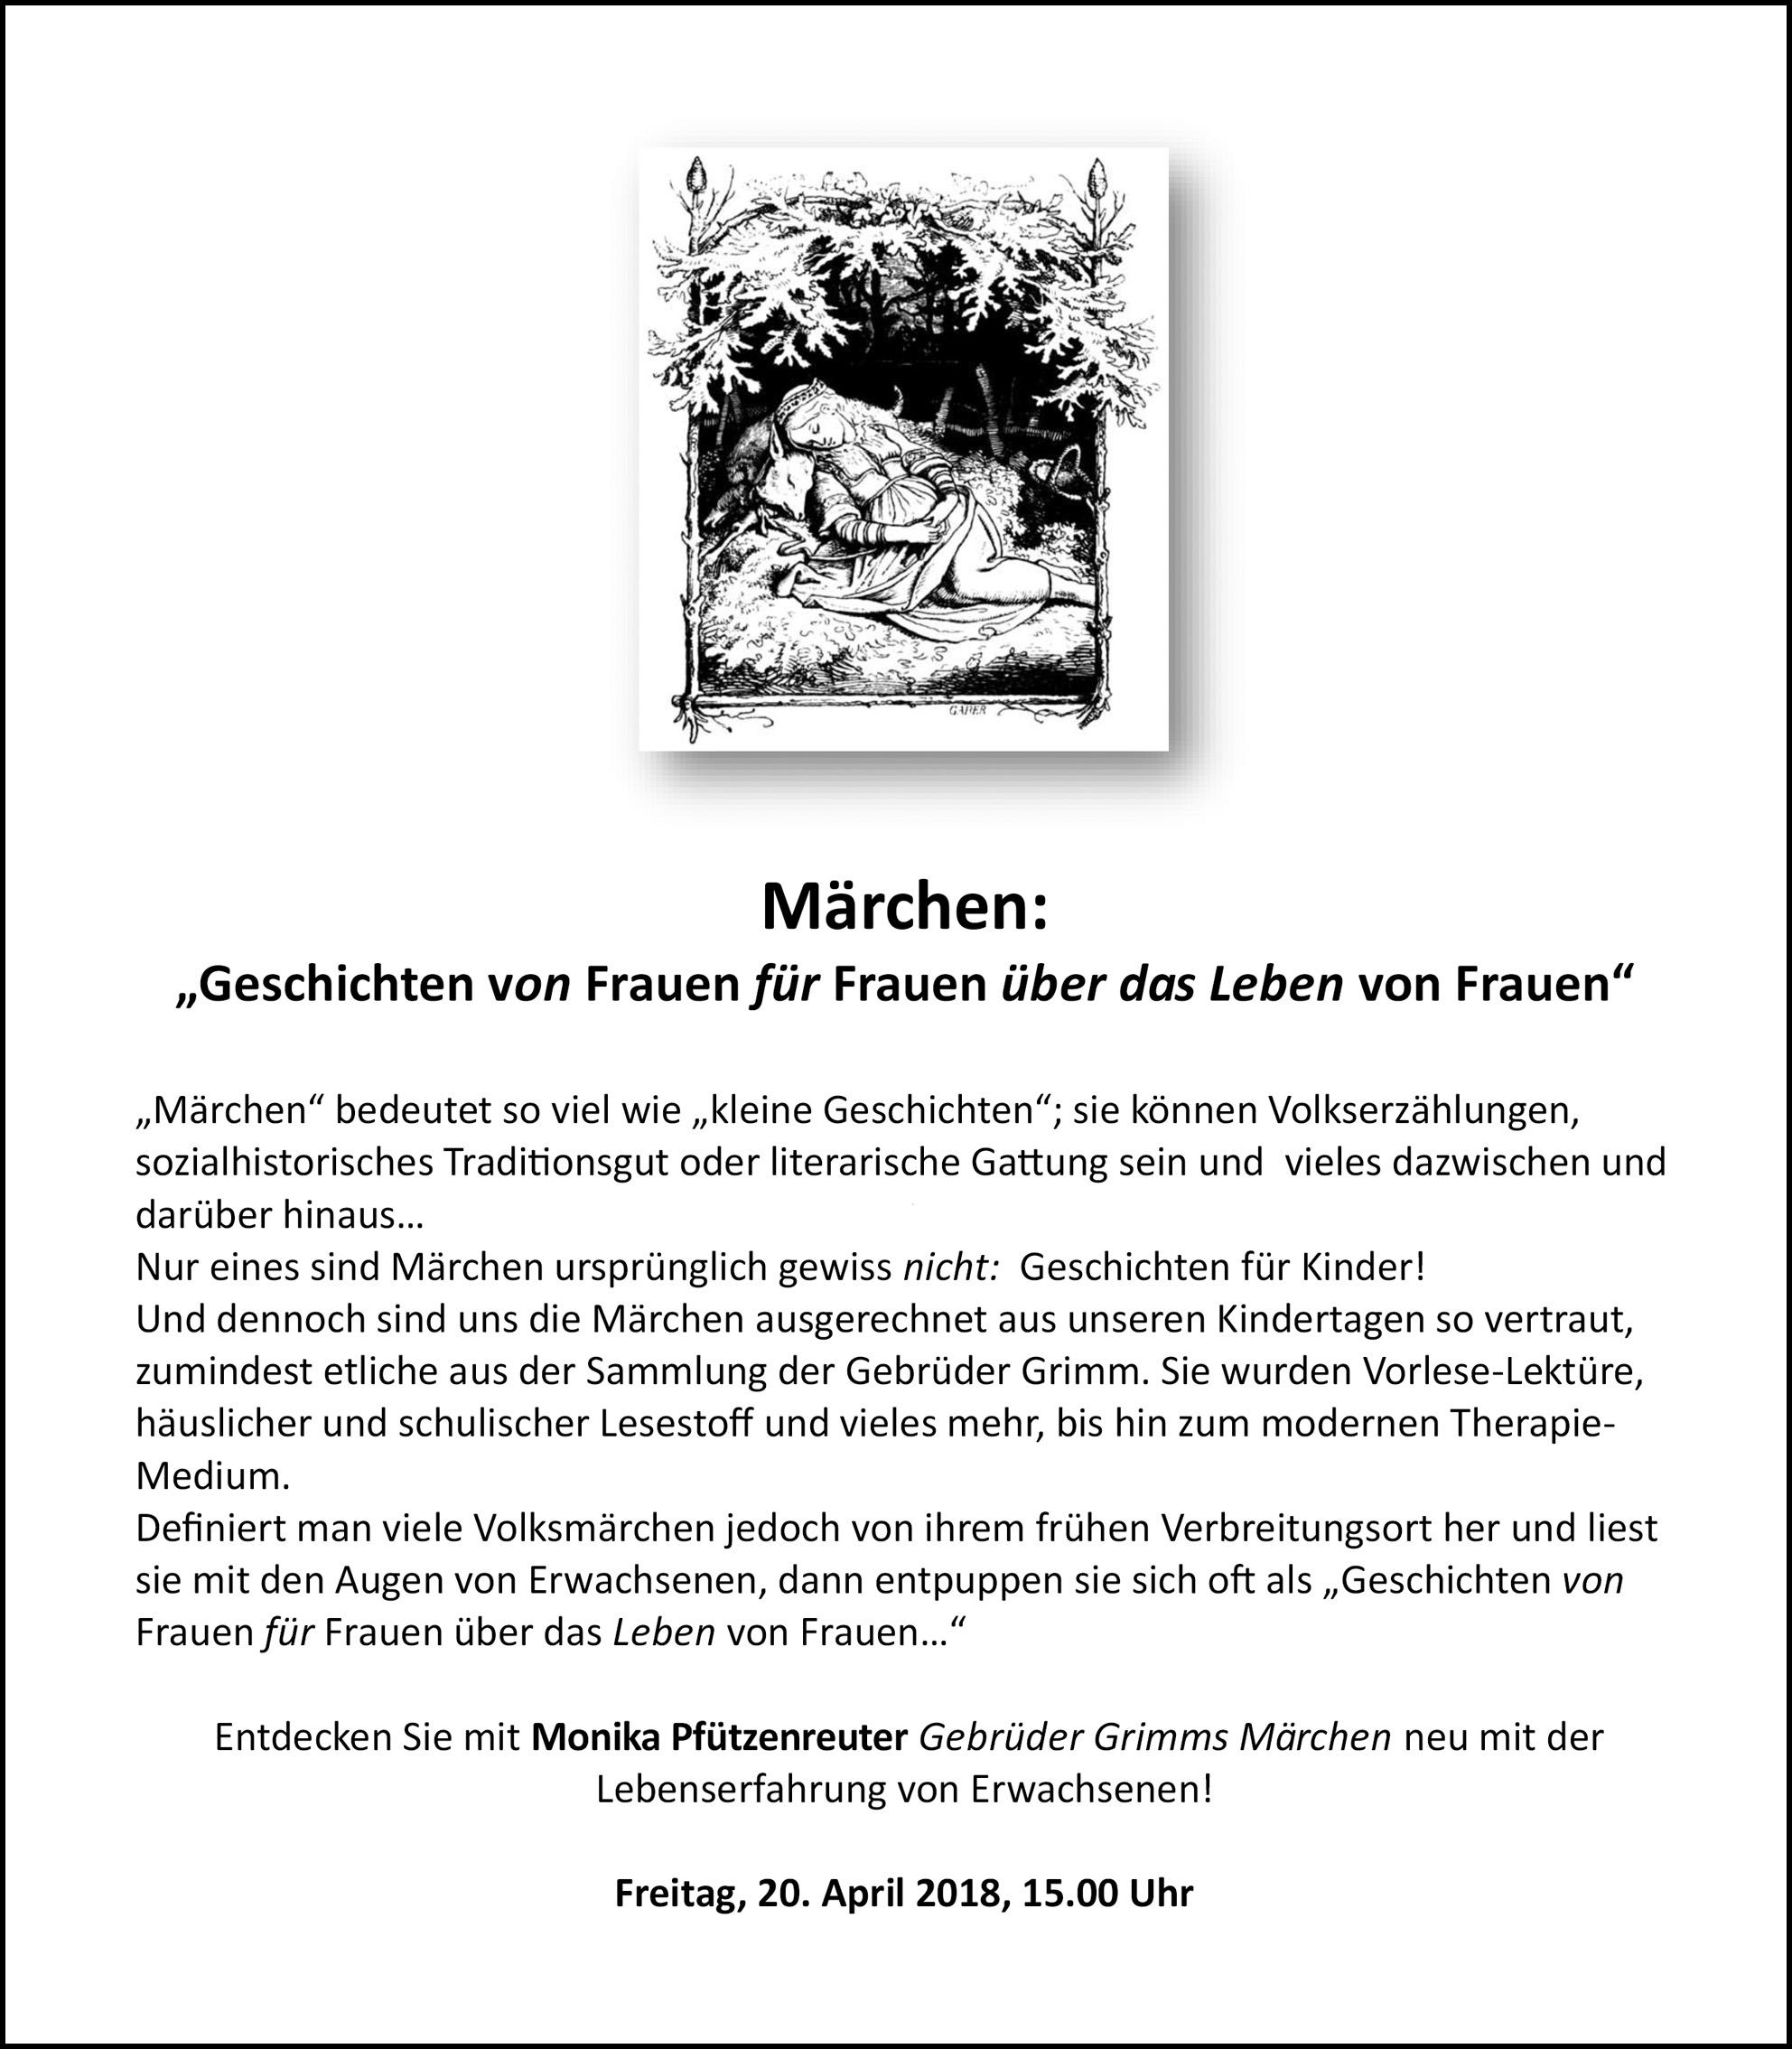 Beste Probe Praktische Pflege Wird Fortgesetzt Galerie - Entry Level ...